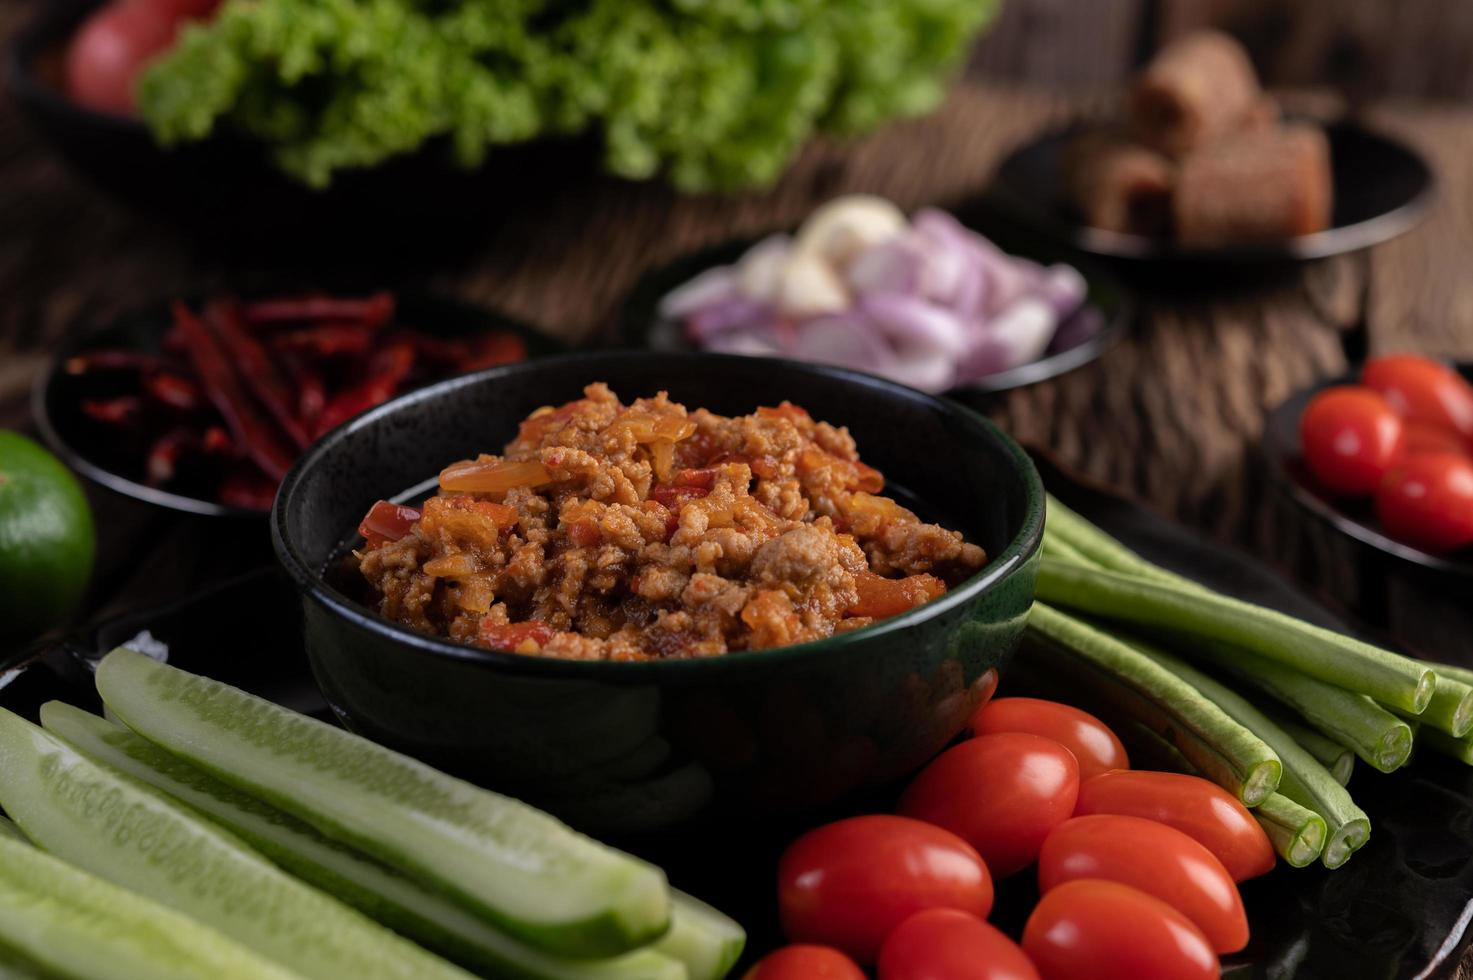 porc sucré avec concombres, haricots longs, tomates et accompagnements photo